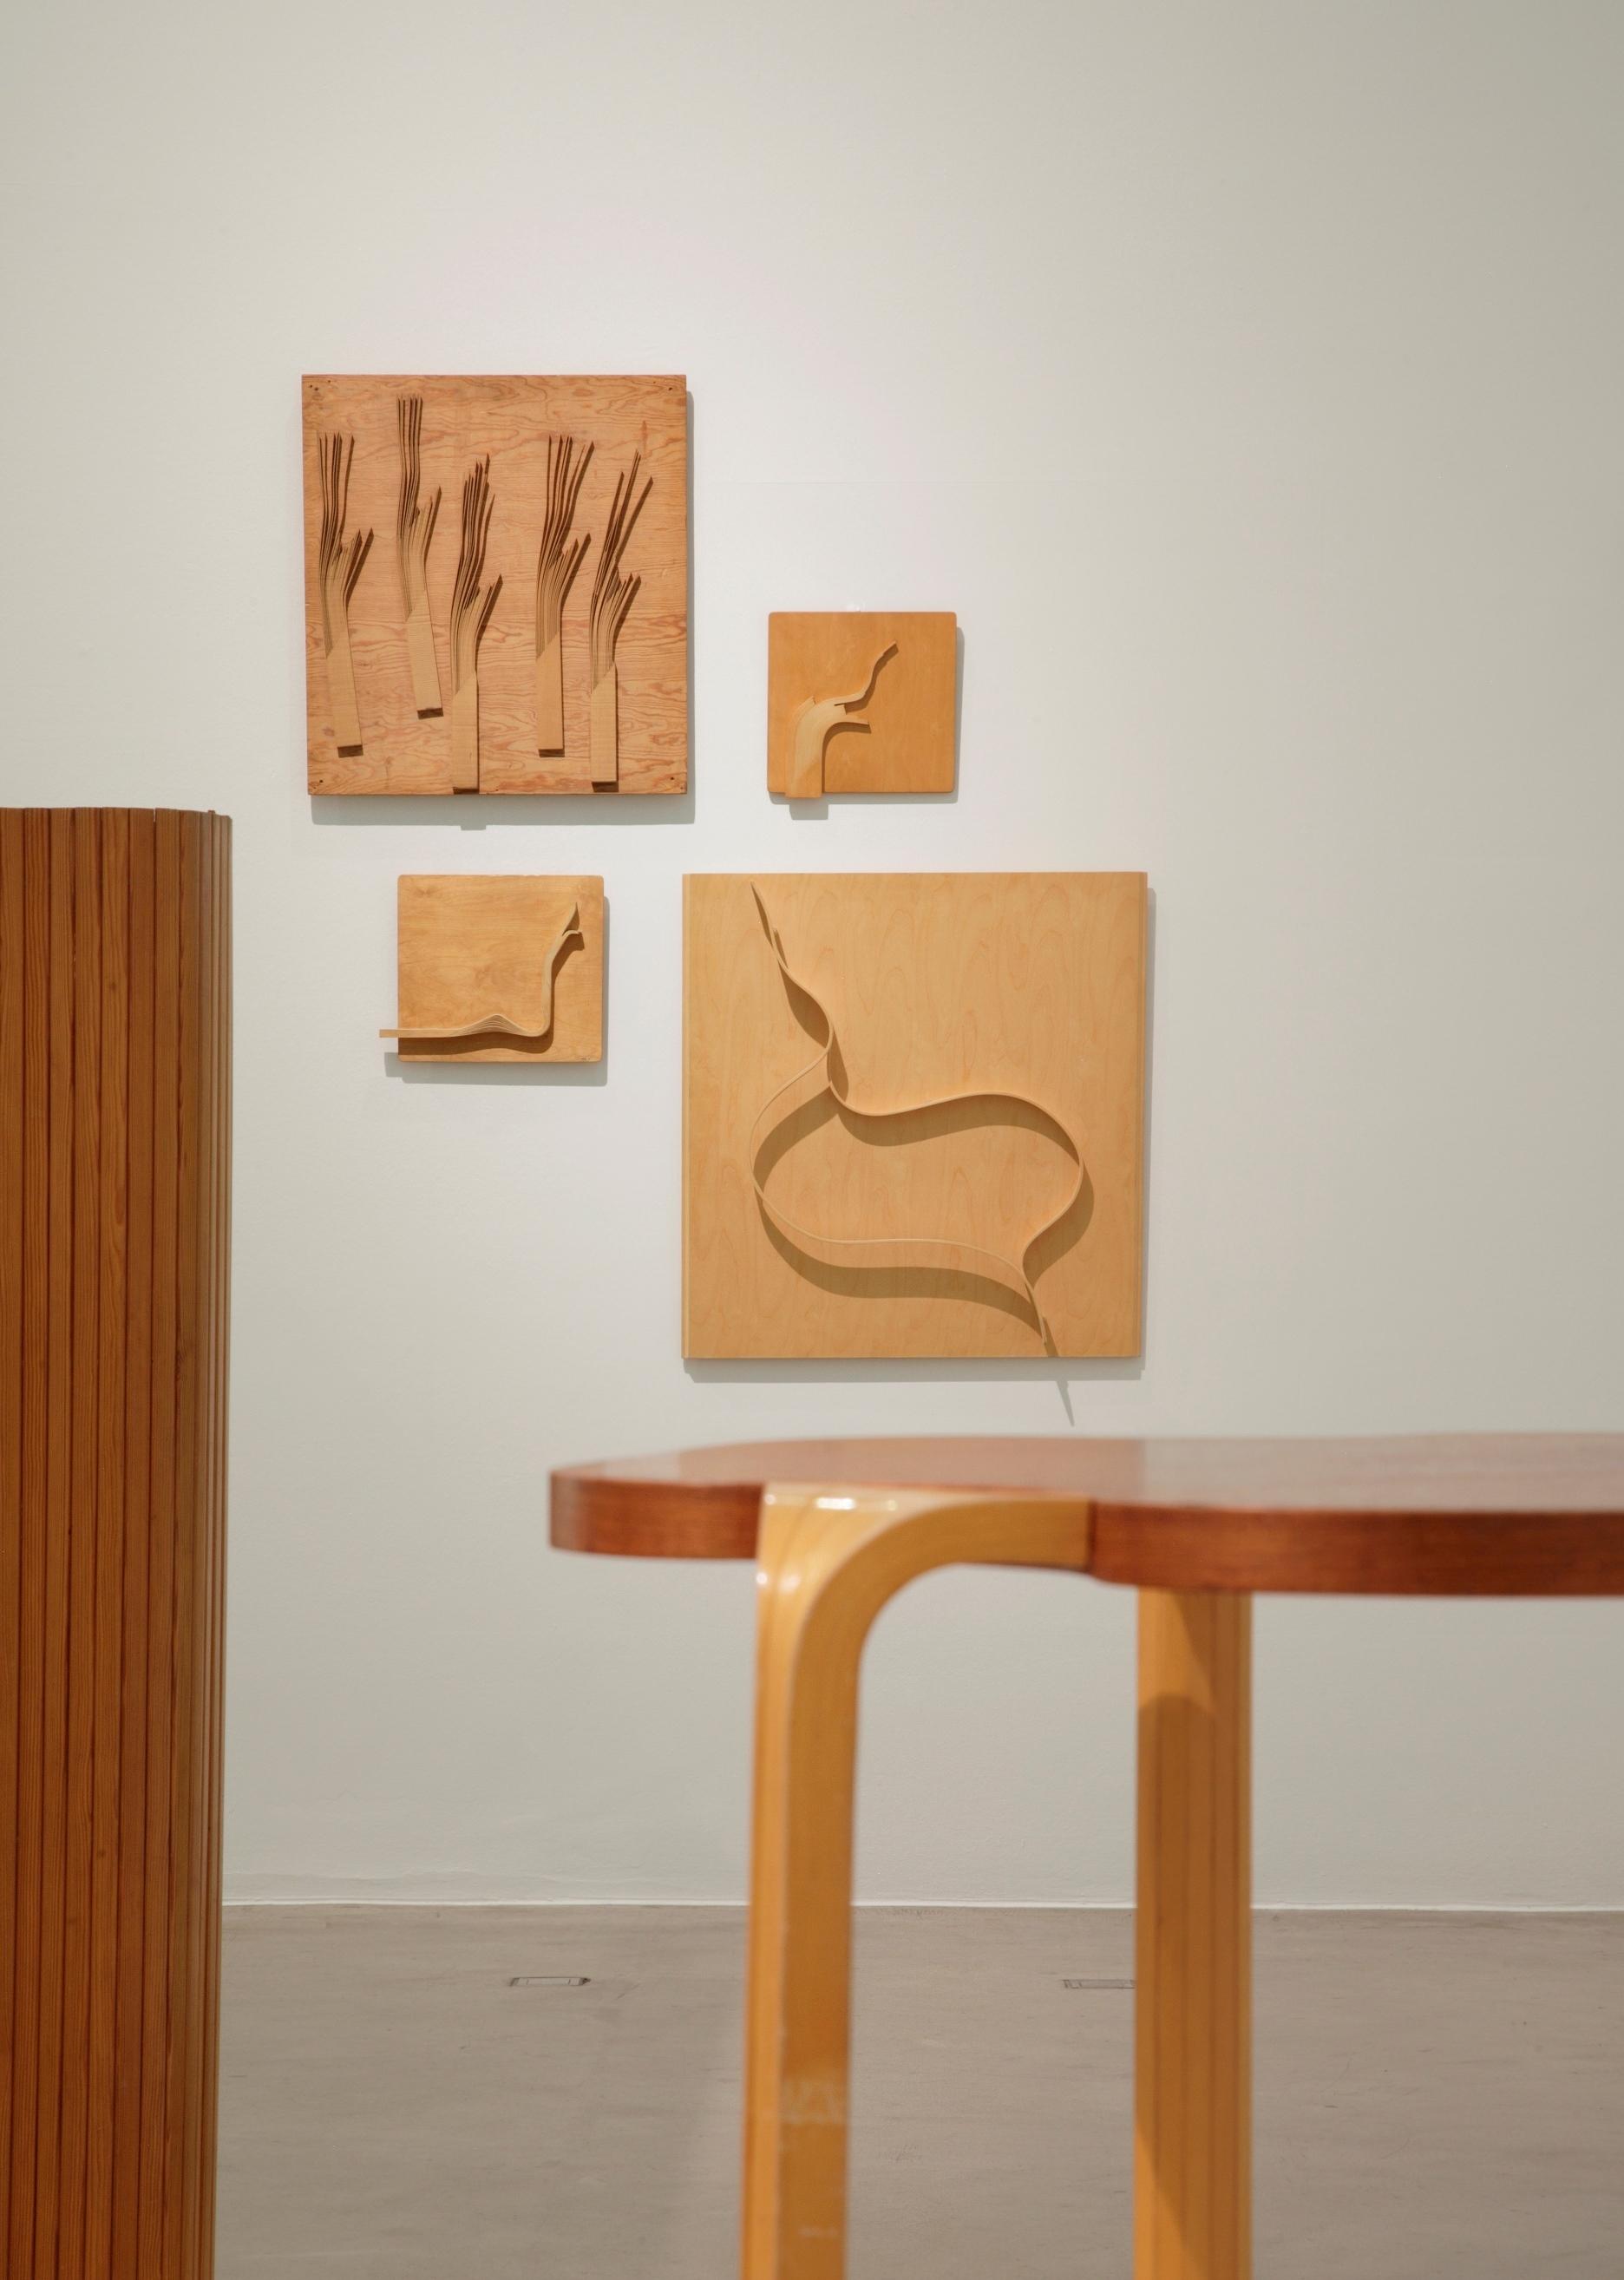 アアルトのマテリアル・スタディ(レリーフ) (C)Vitra Design Museum, photo: Ursula Sprecher